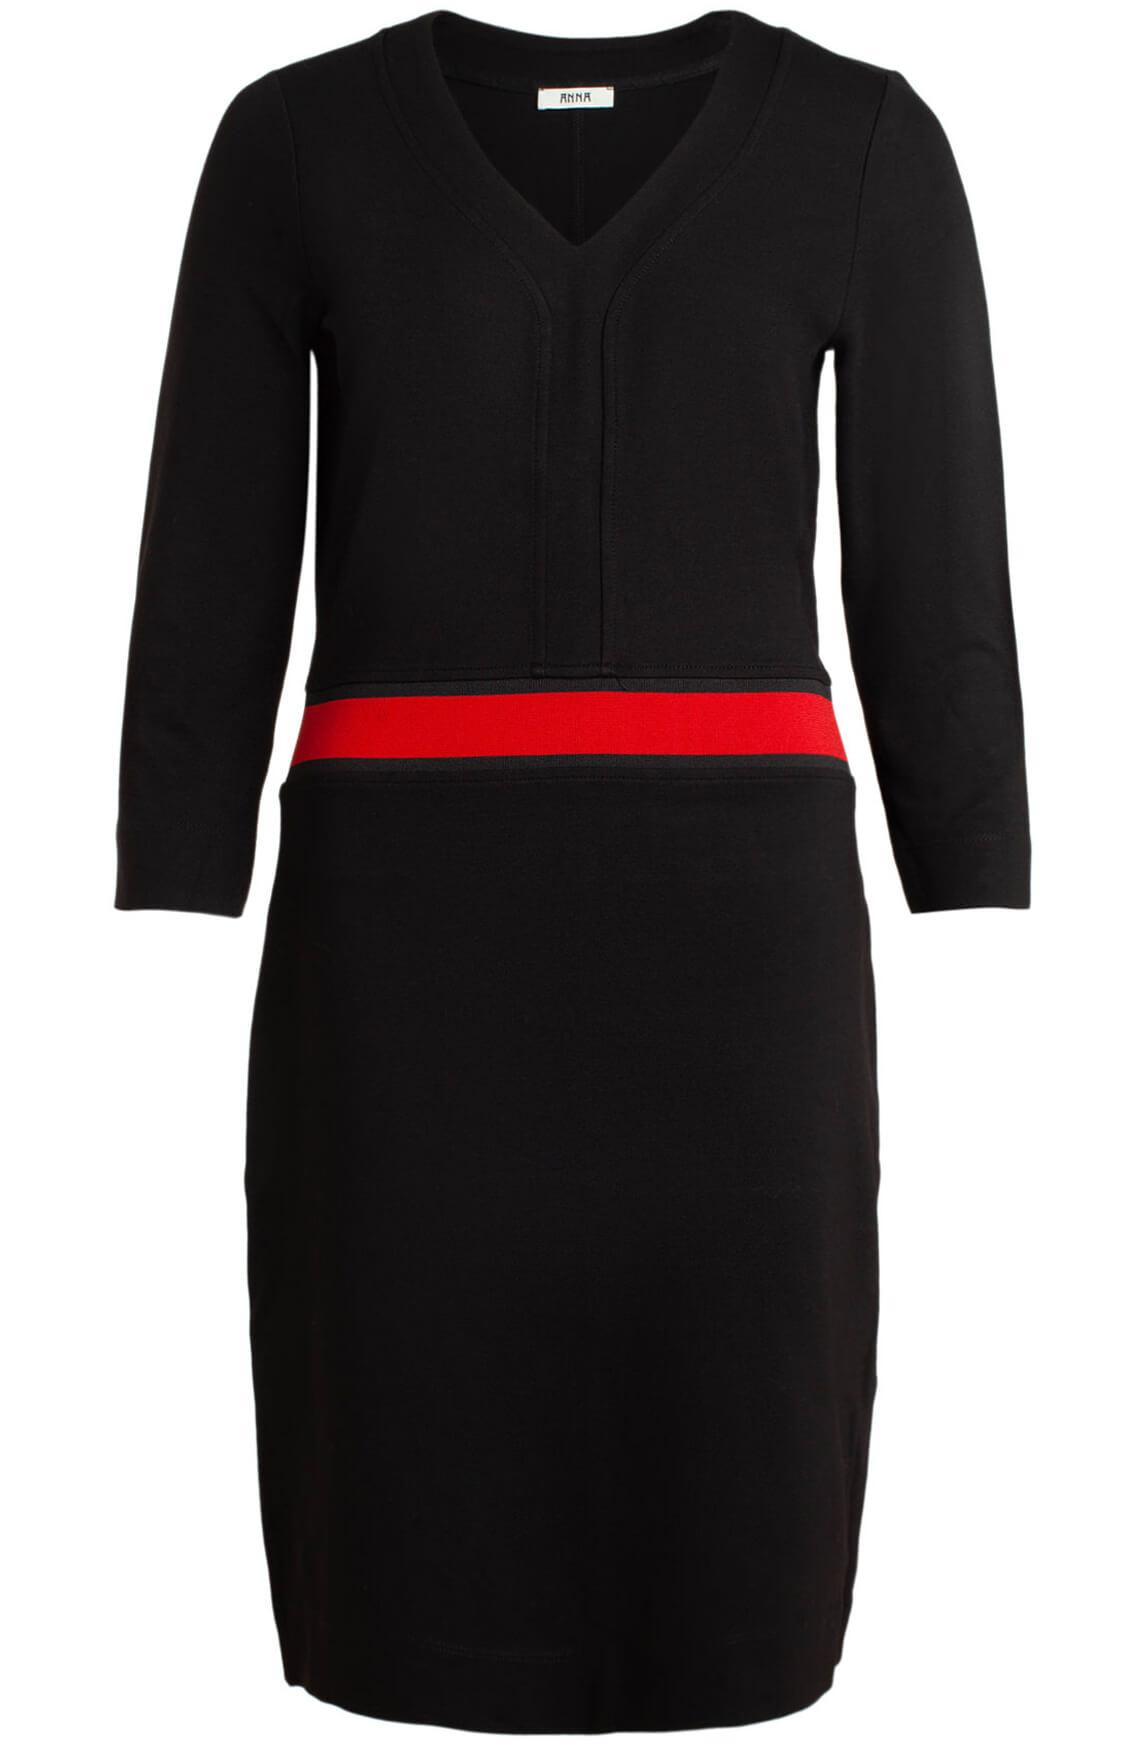 Anna Dames Jurk met rode tailleband zwart